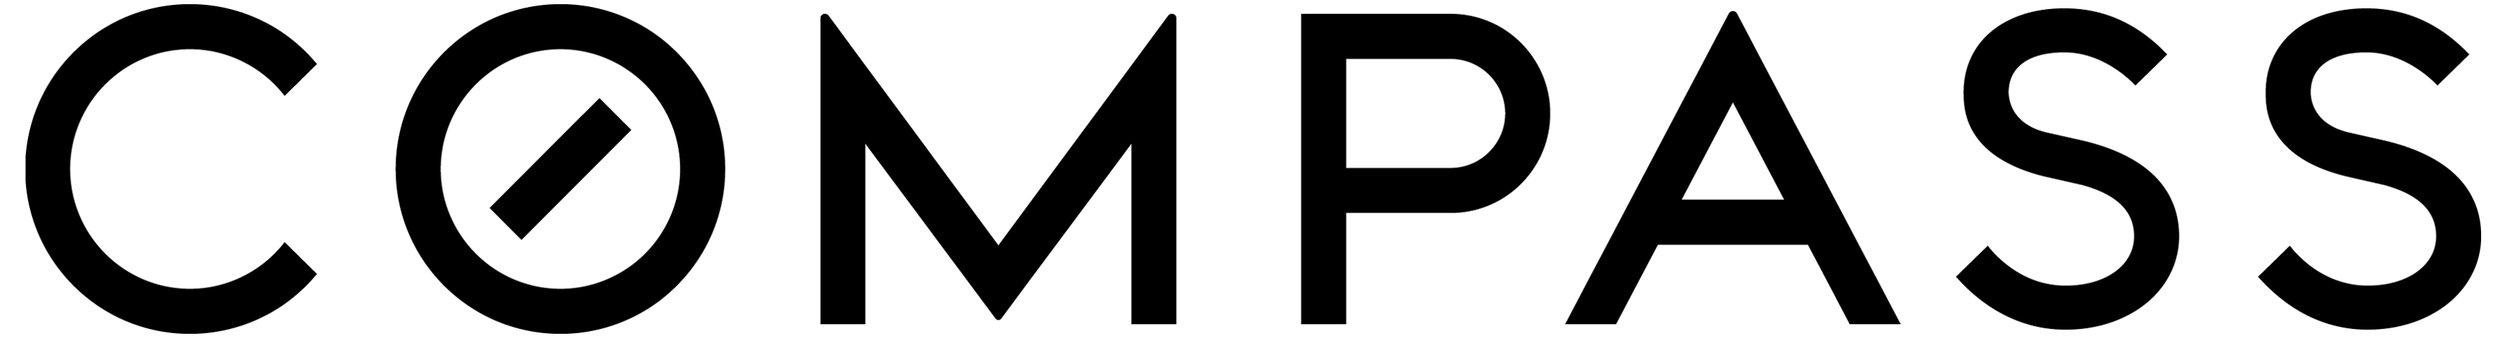 compass_logo_final.jpg